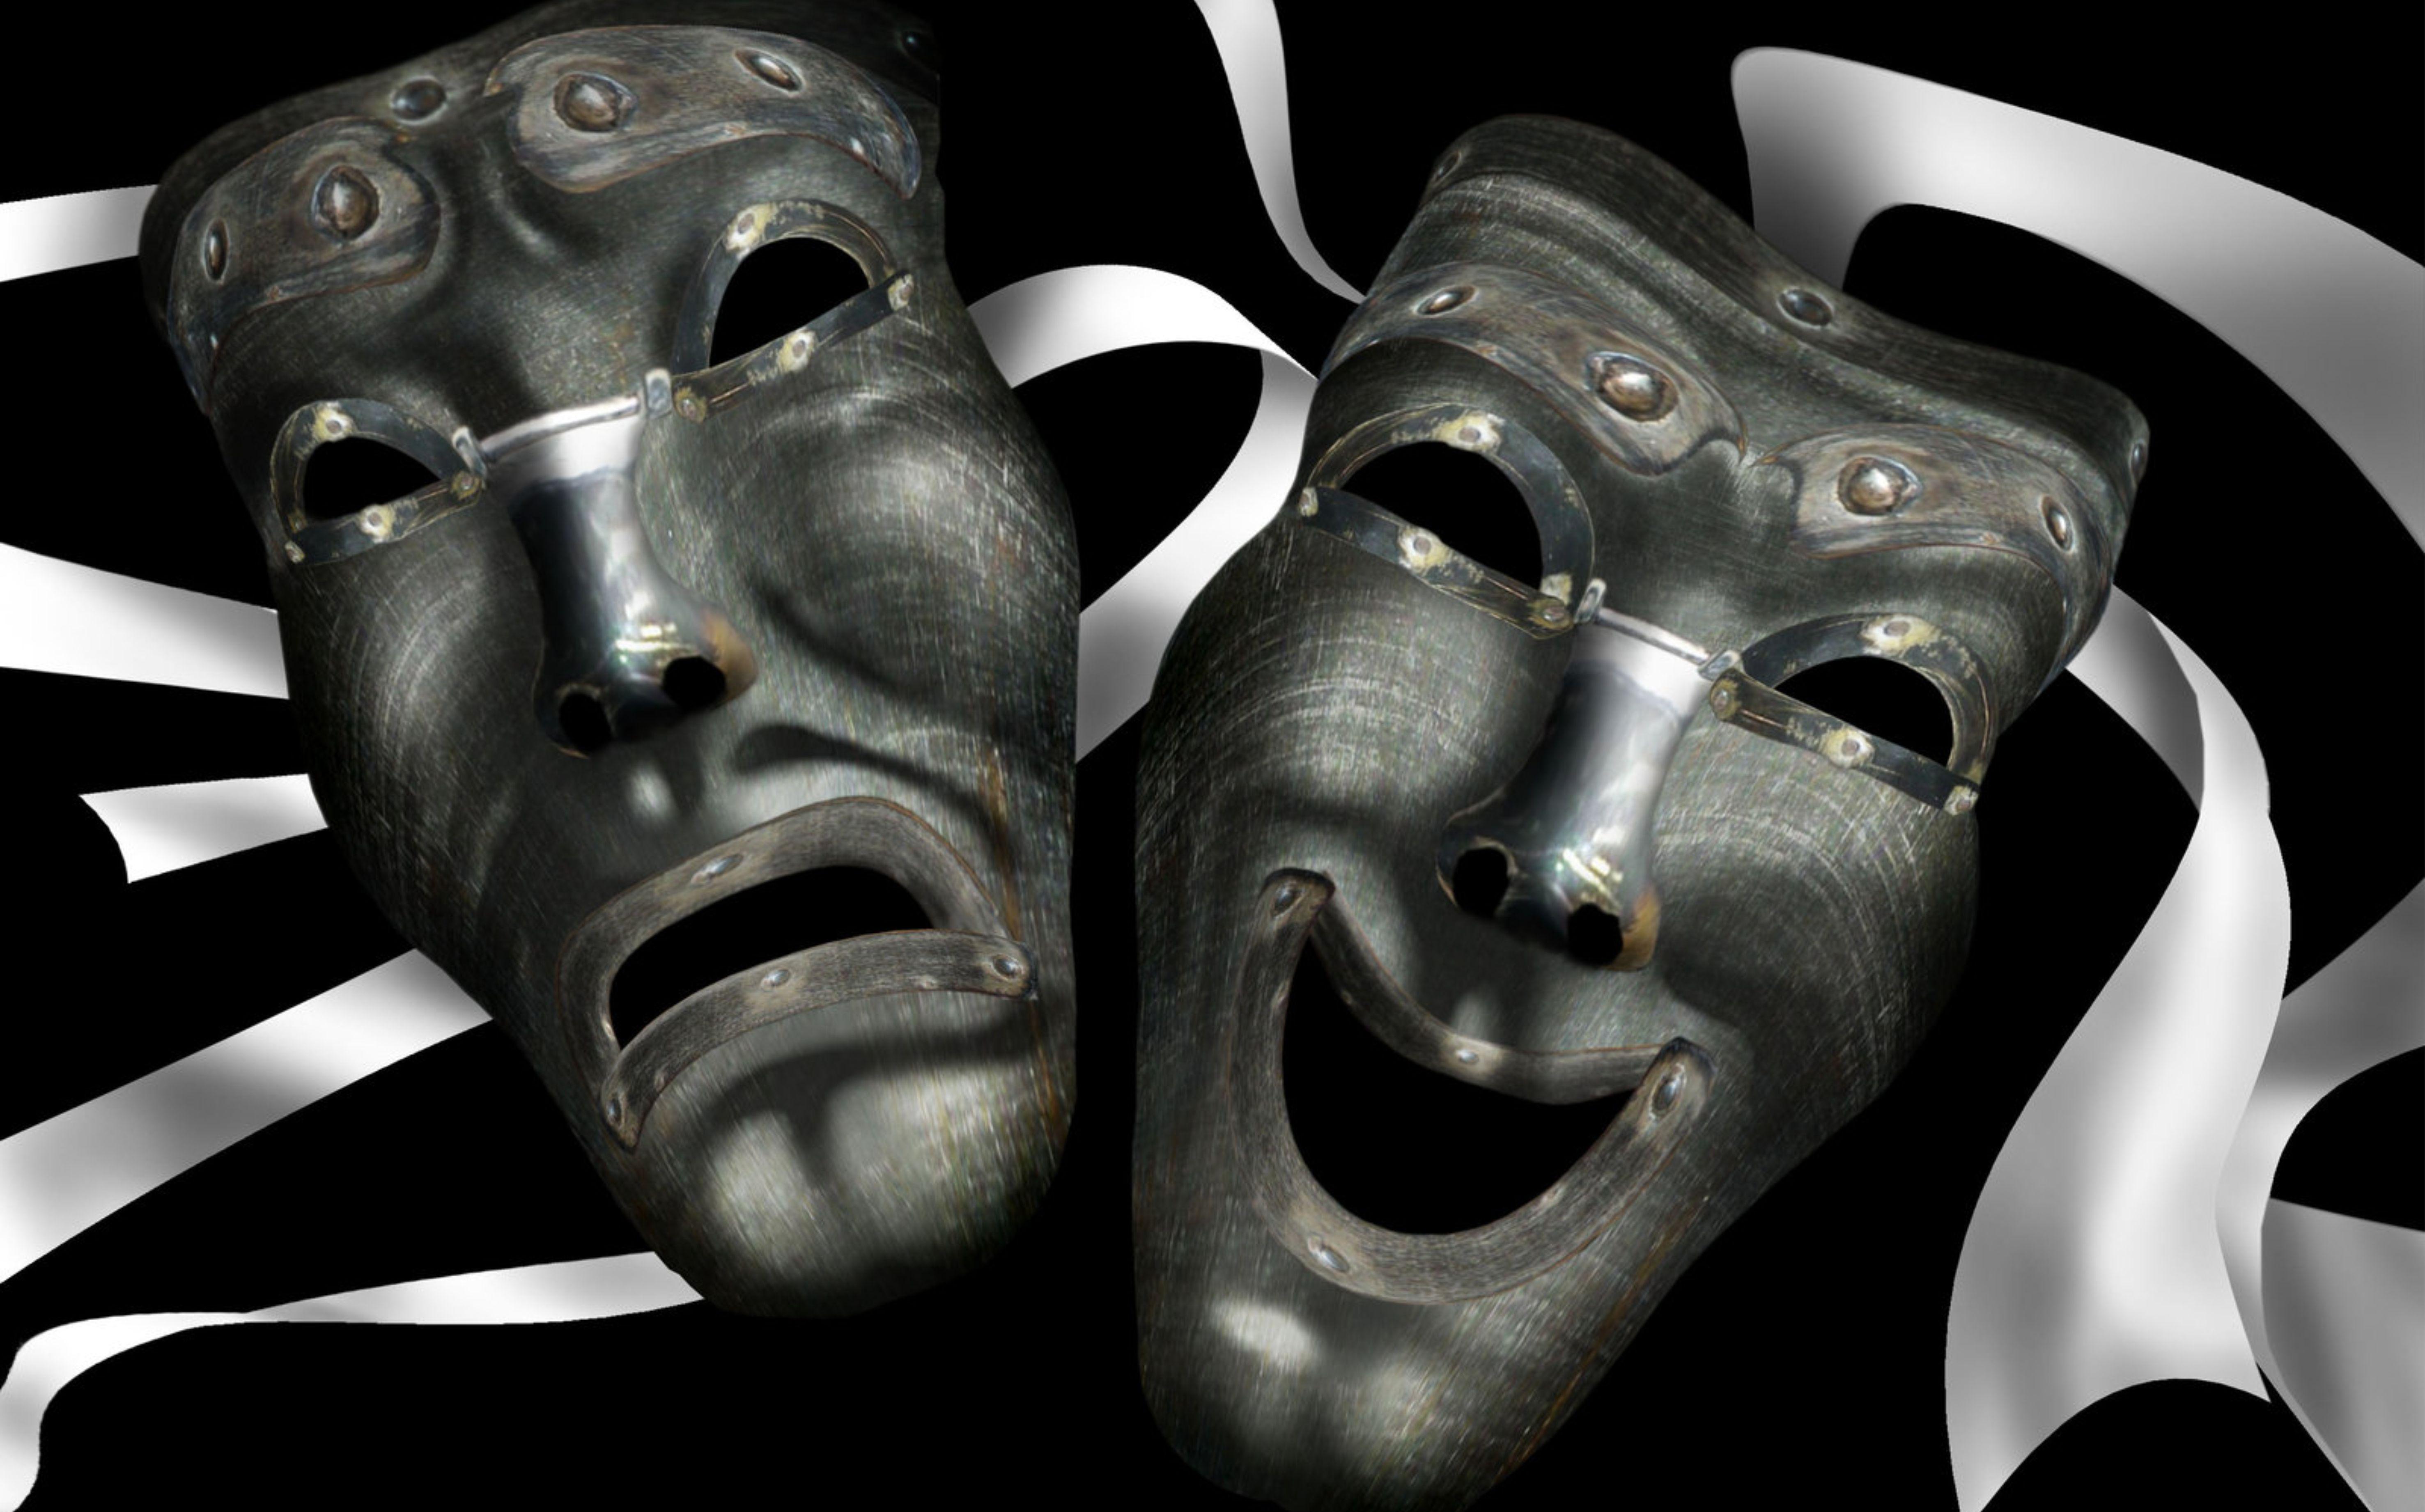 две маски картинки что заинтересовавшийся, думаю